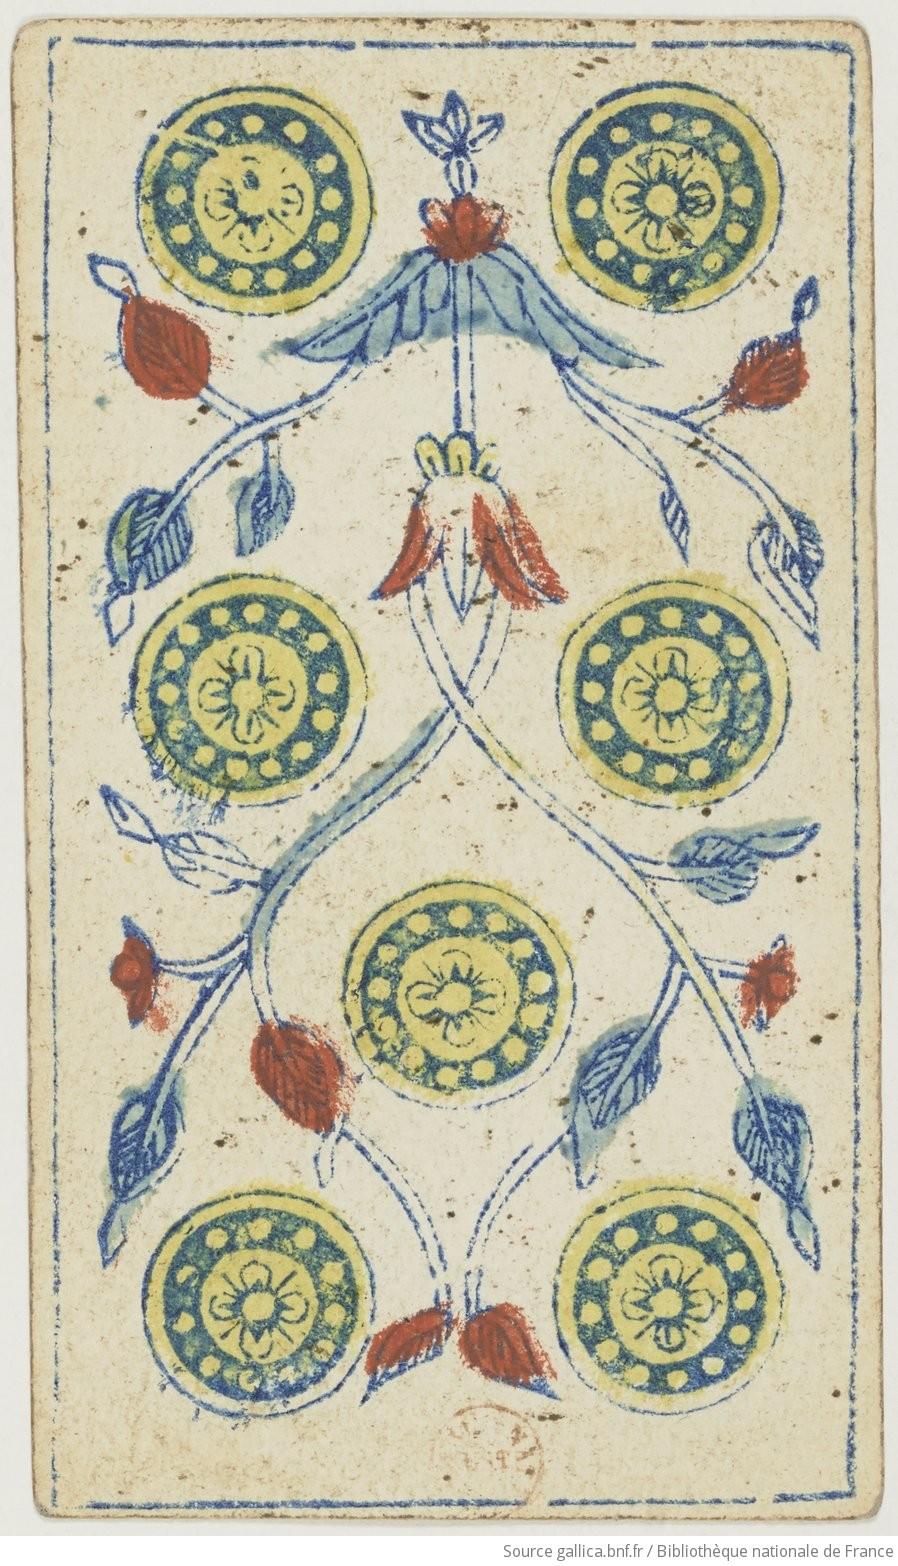 http://gallica.bnf.fr/ark:/12148/btv1b10513772t/f105.highres